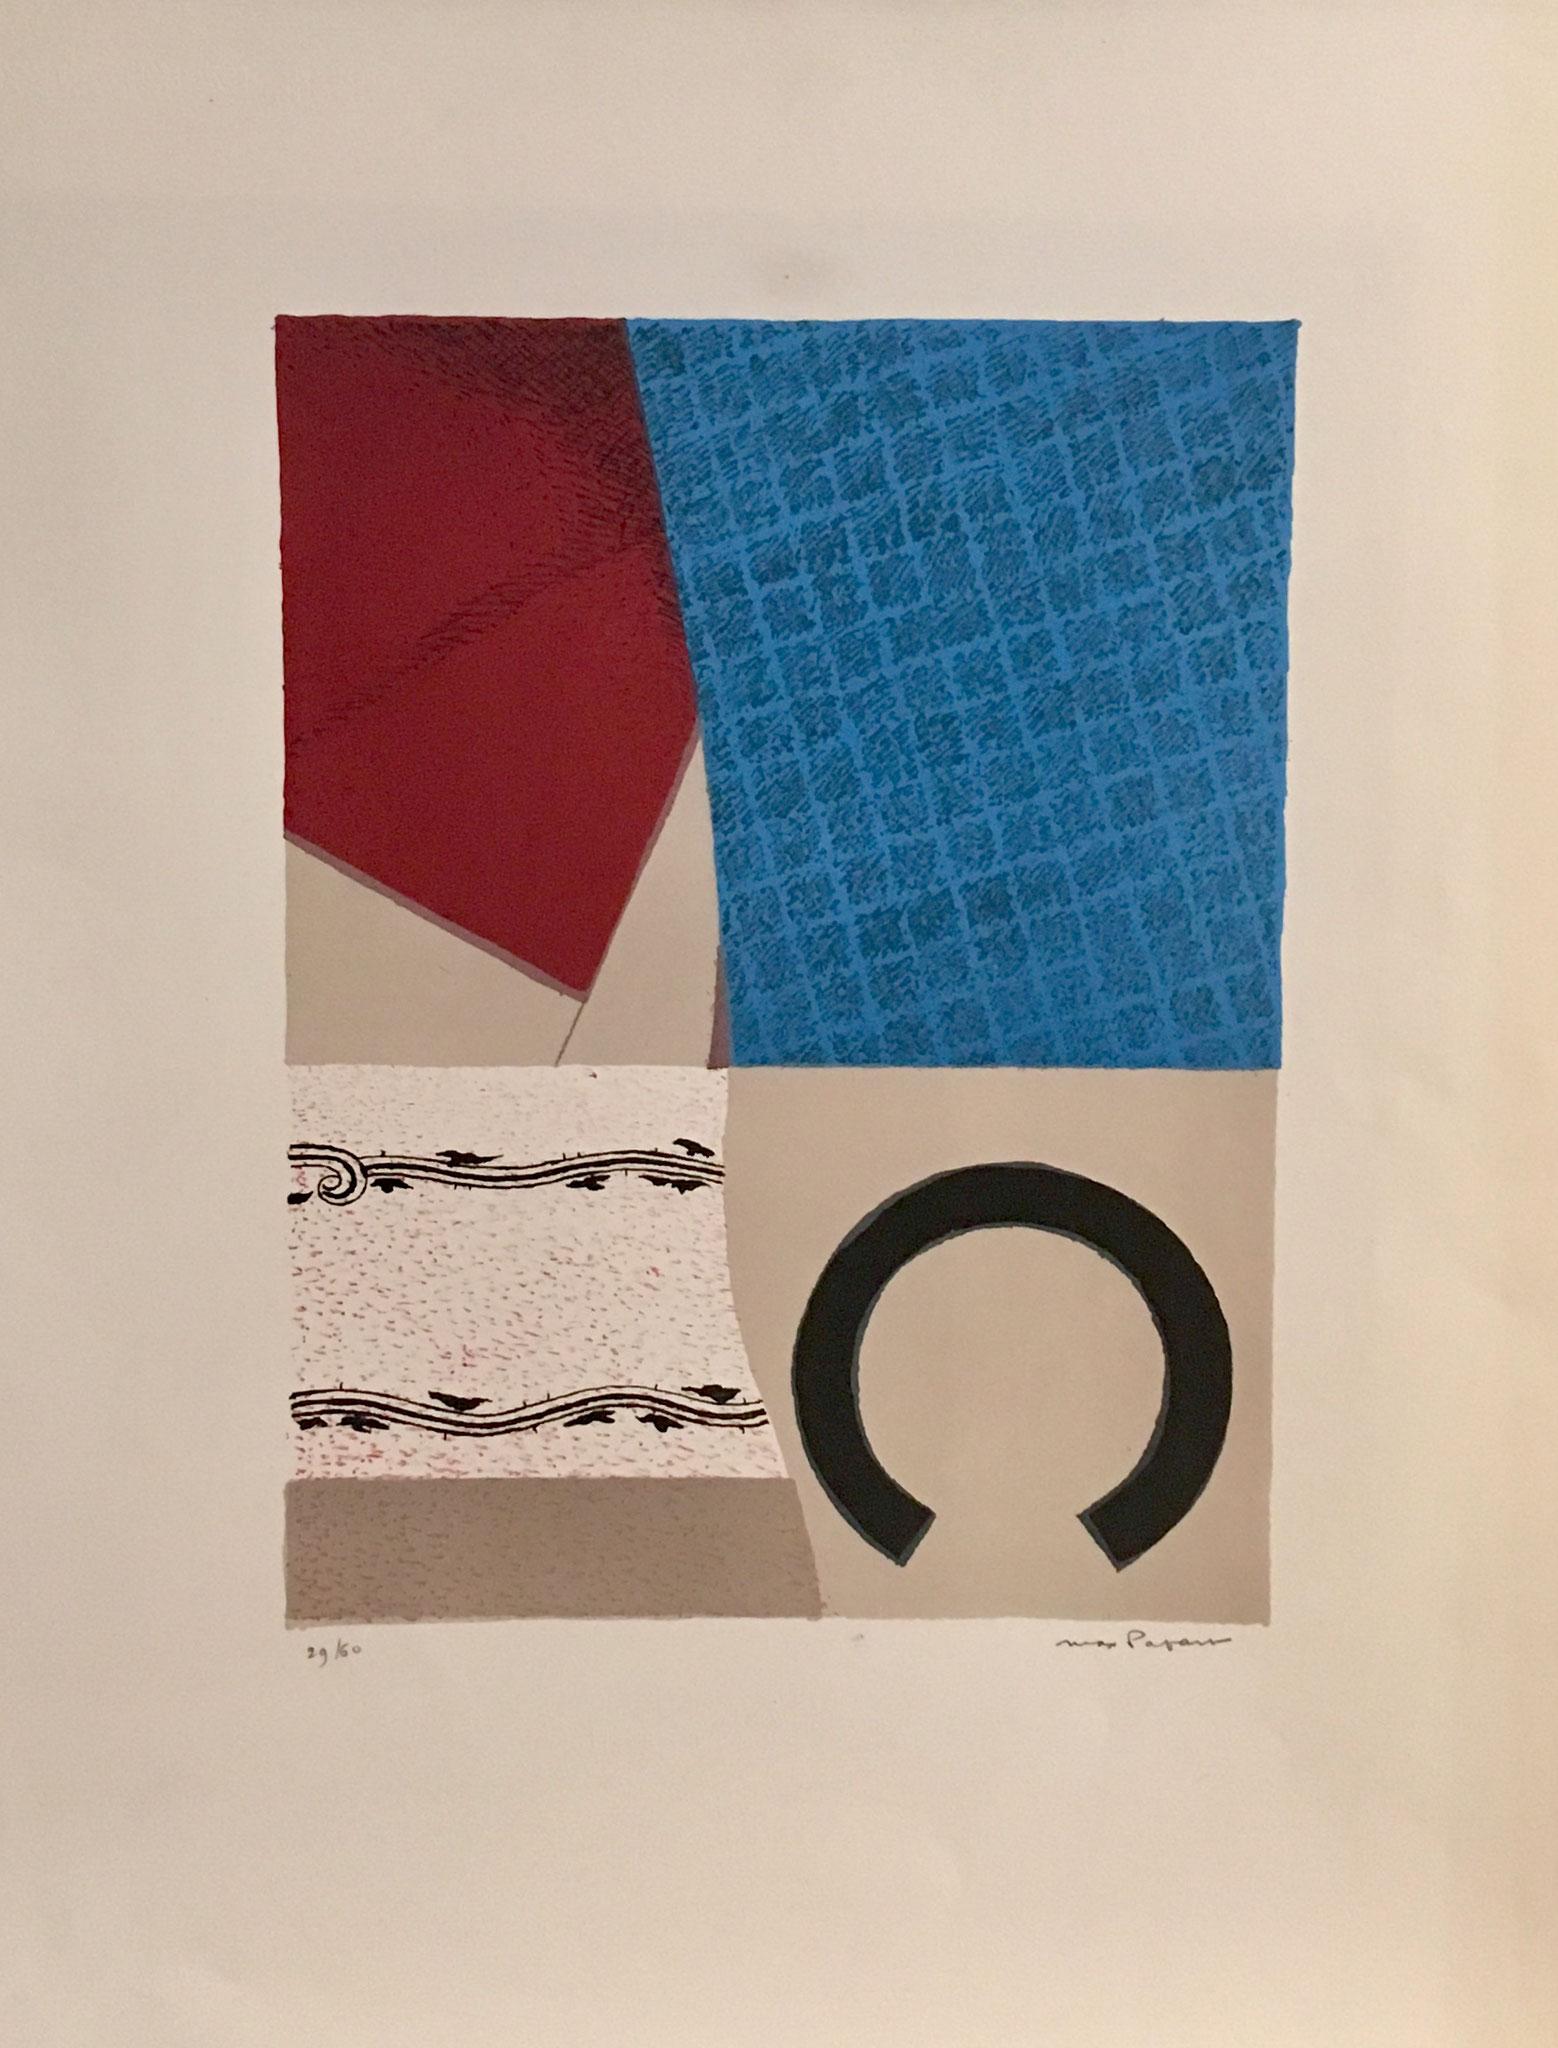 les cyclades 1967, lithographie, signée et numérotée , 29/60, 65,5 x 50 cm